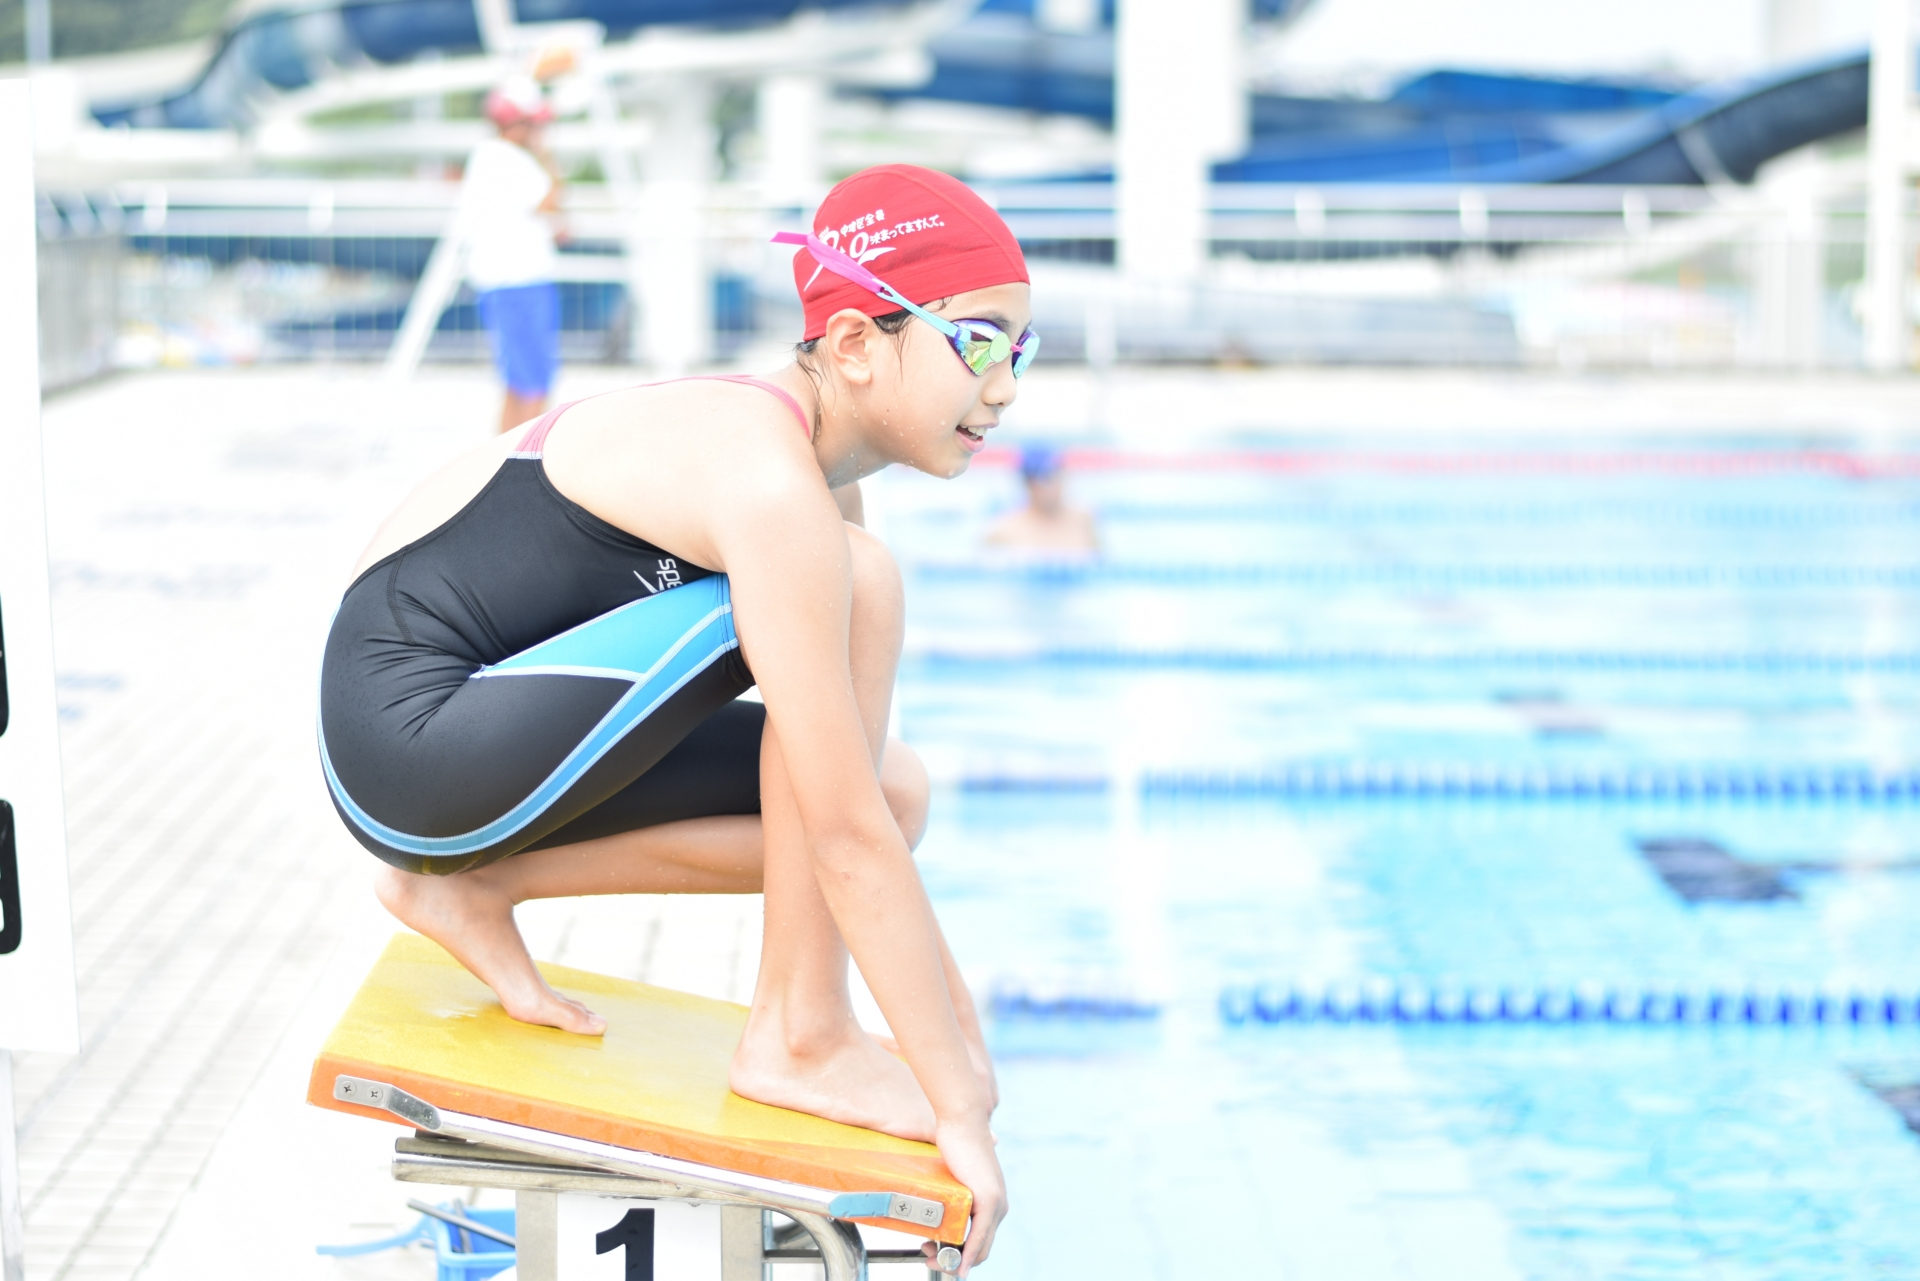 水泳の選手コースを移籍する場合の手順やポイント、注意点